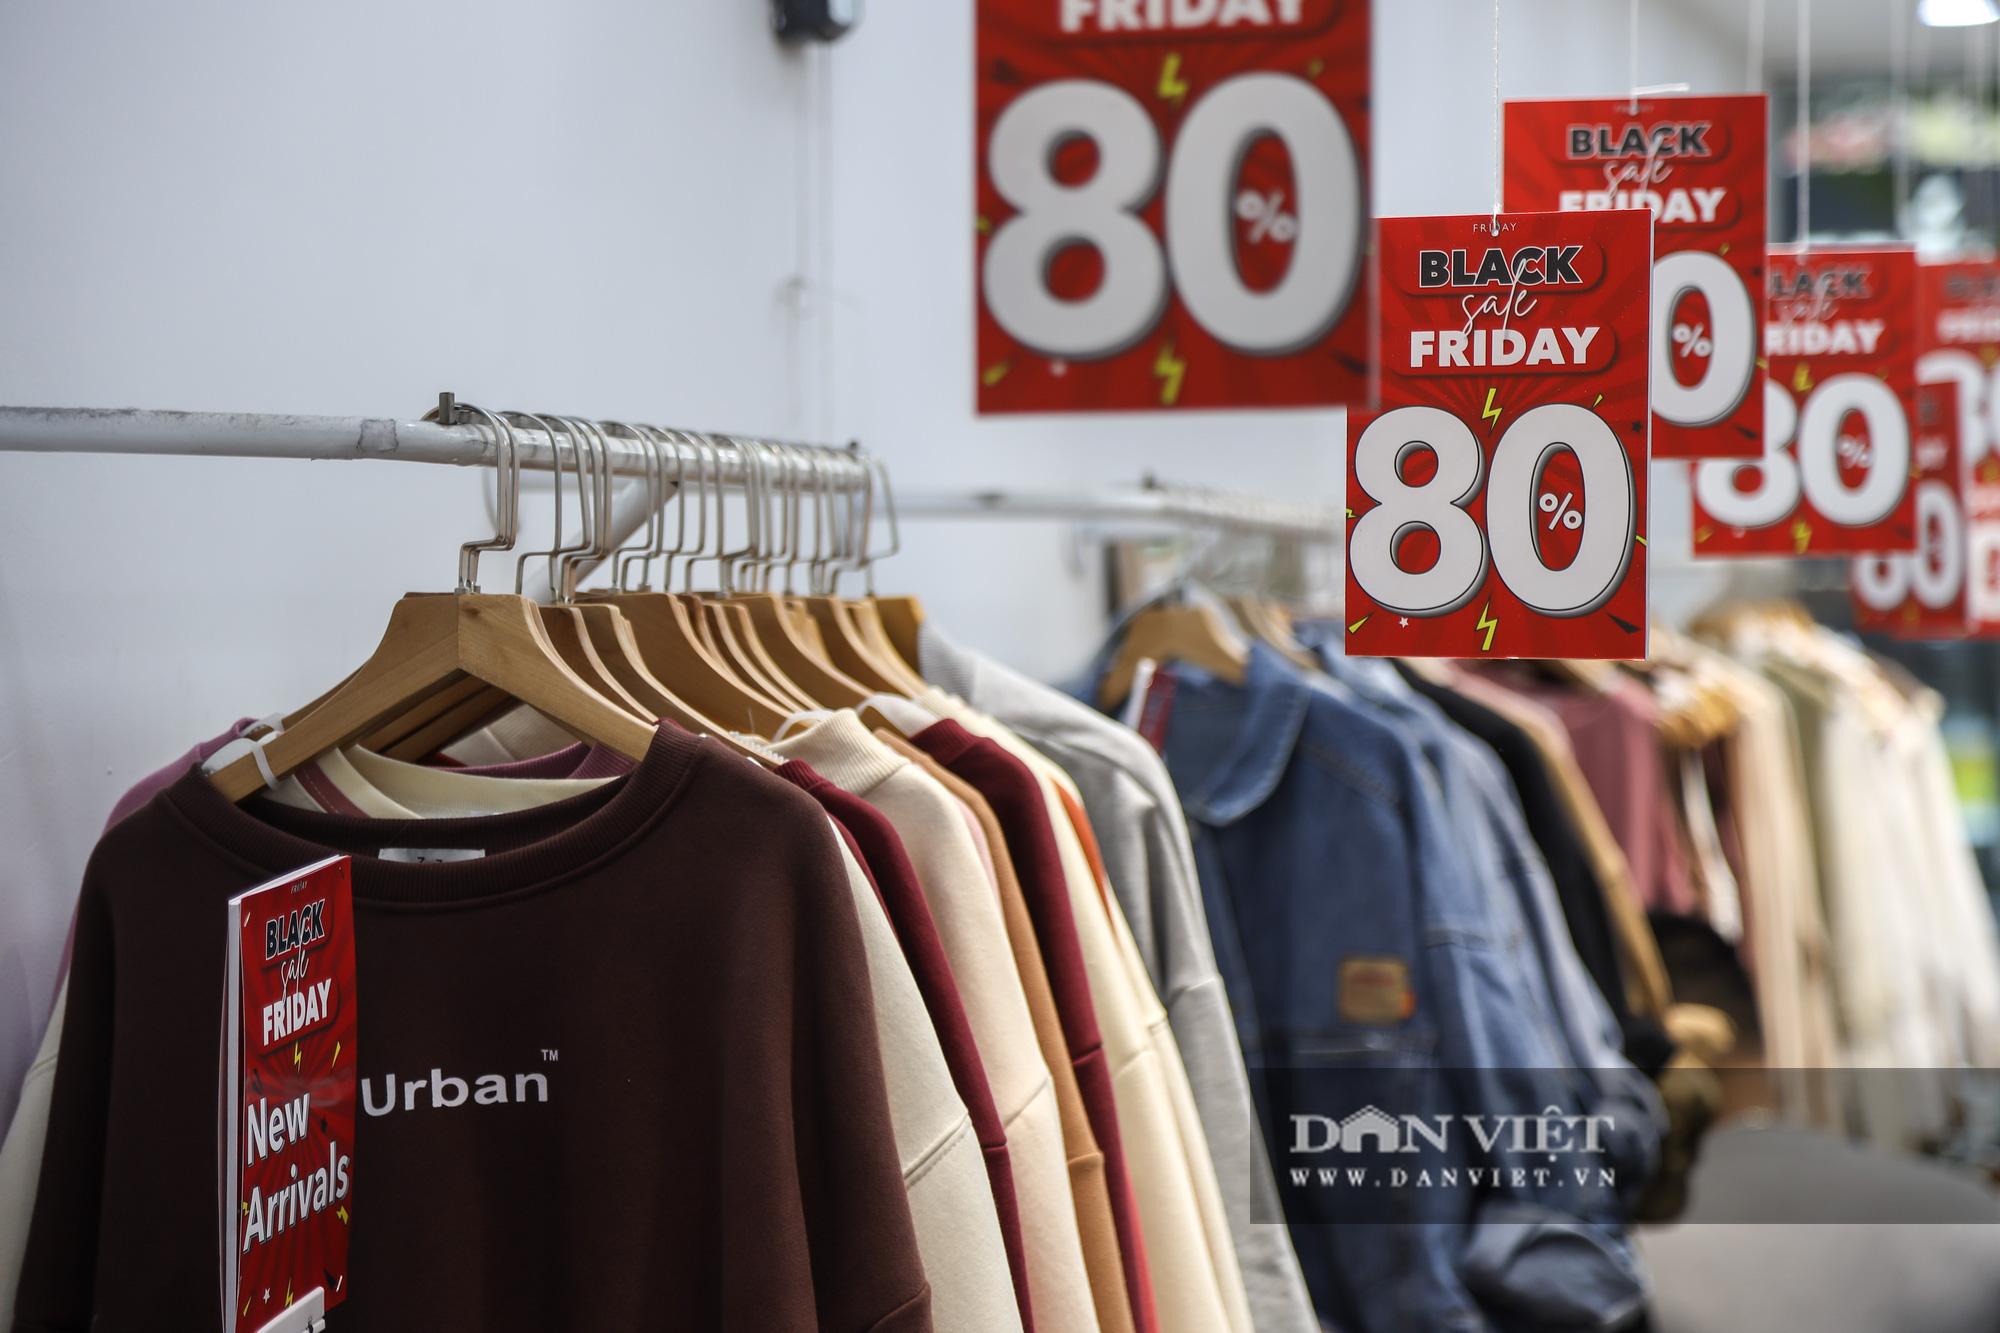 Phố thời trang Hà Nội rợp biển giảm giá 80% dù chưa đến Black Friday - Ảnh 9.